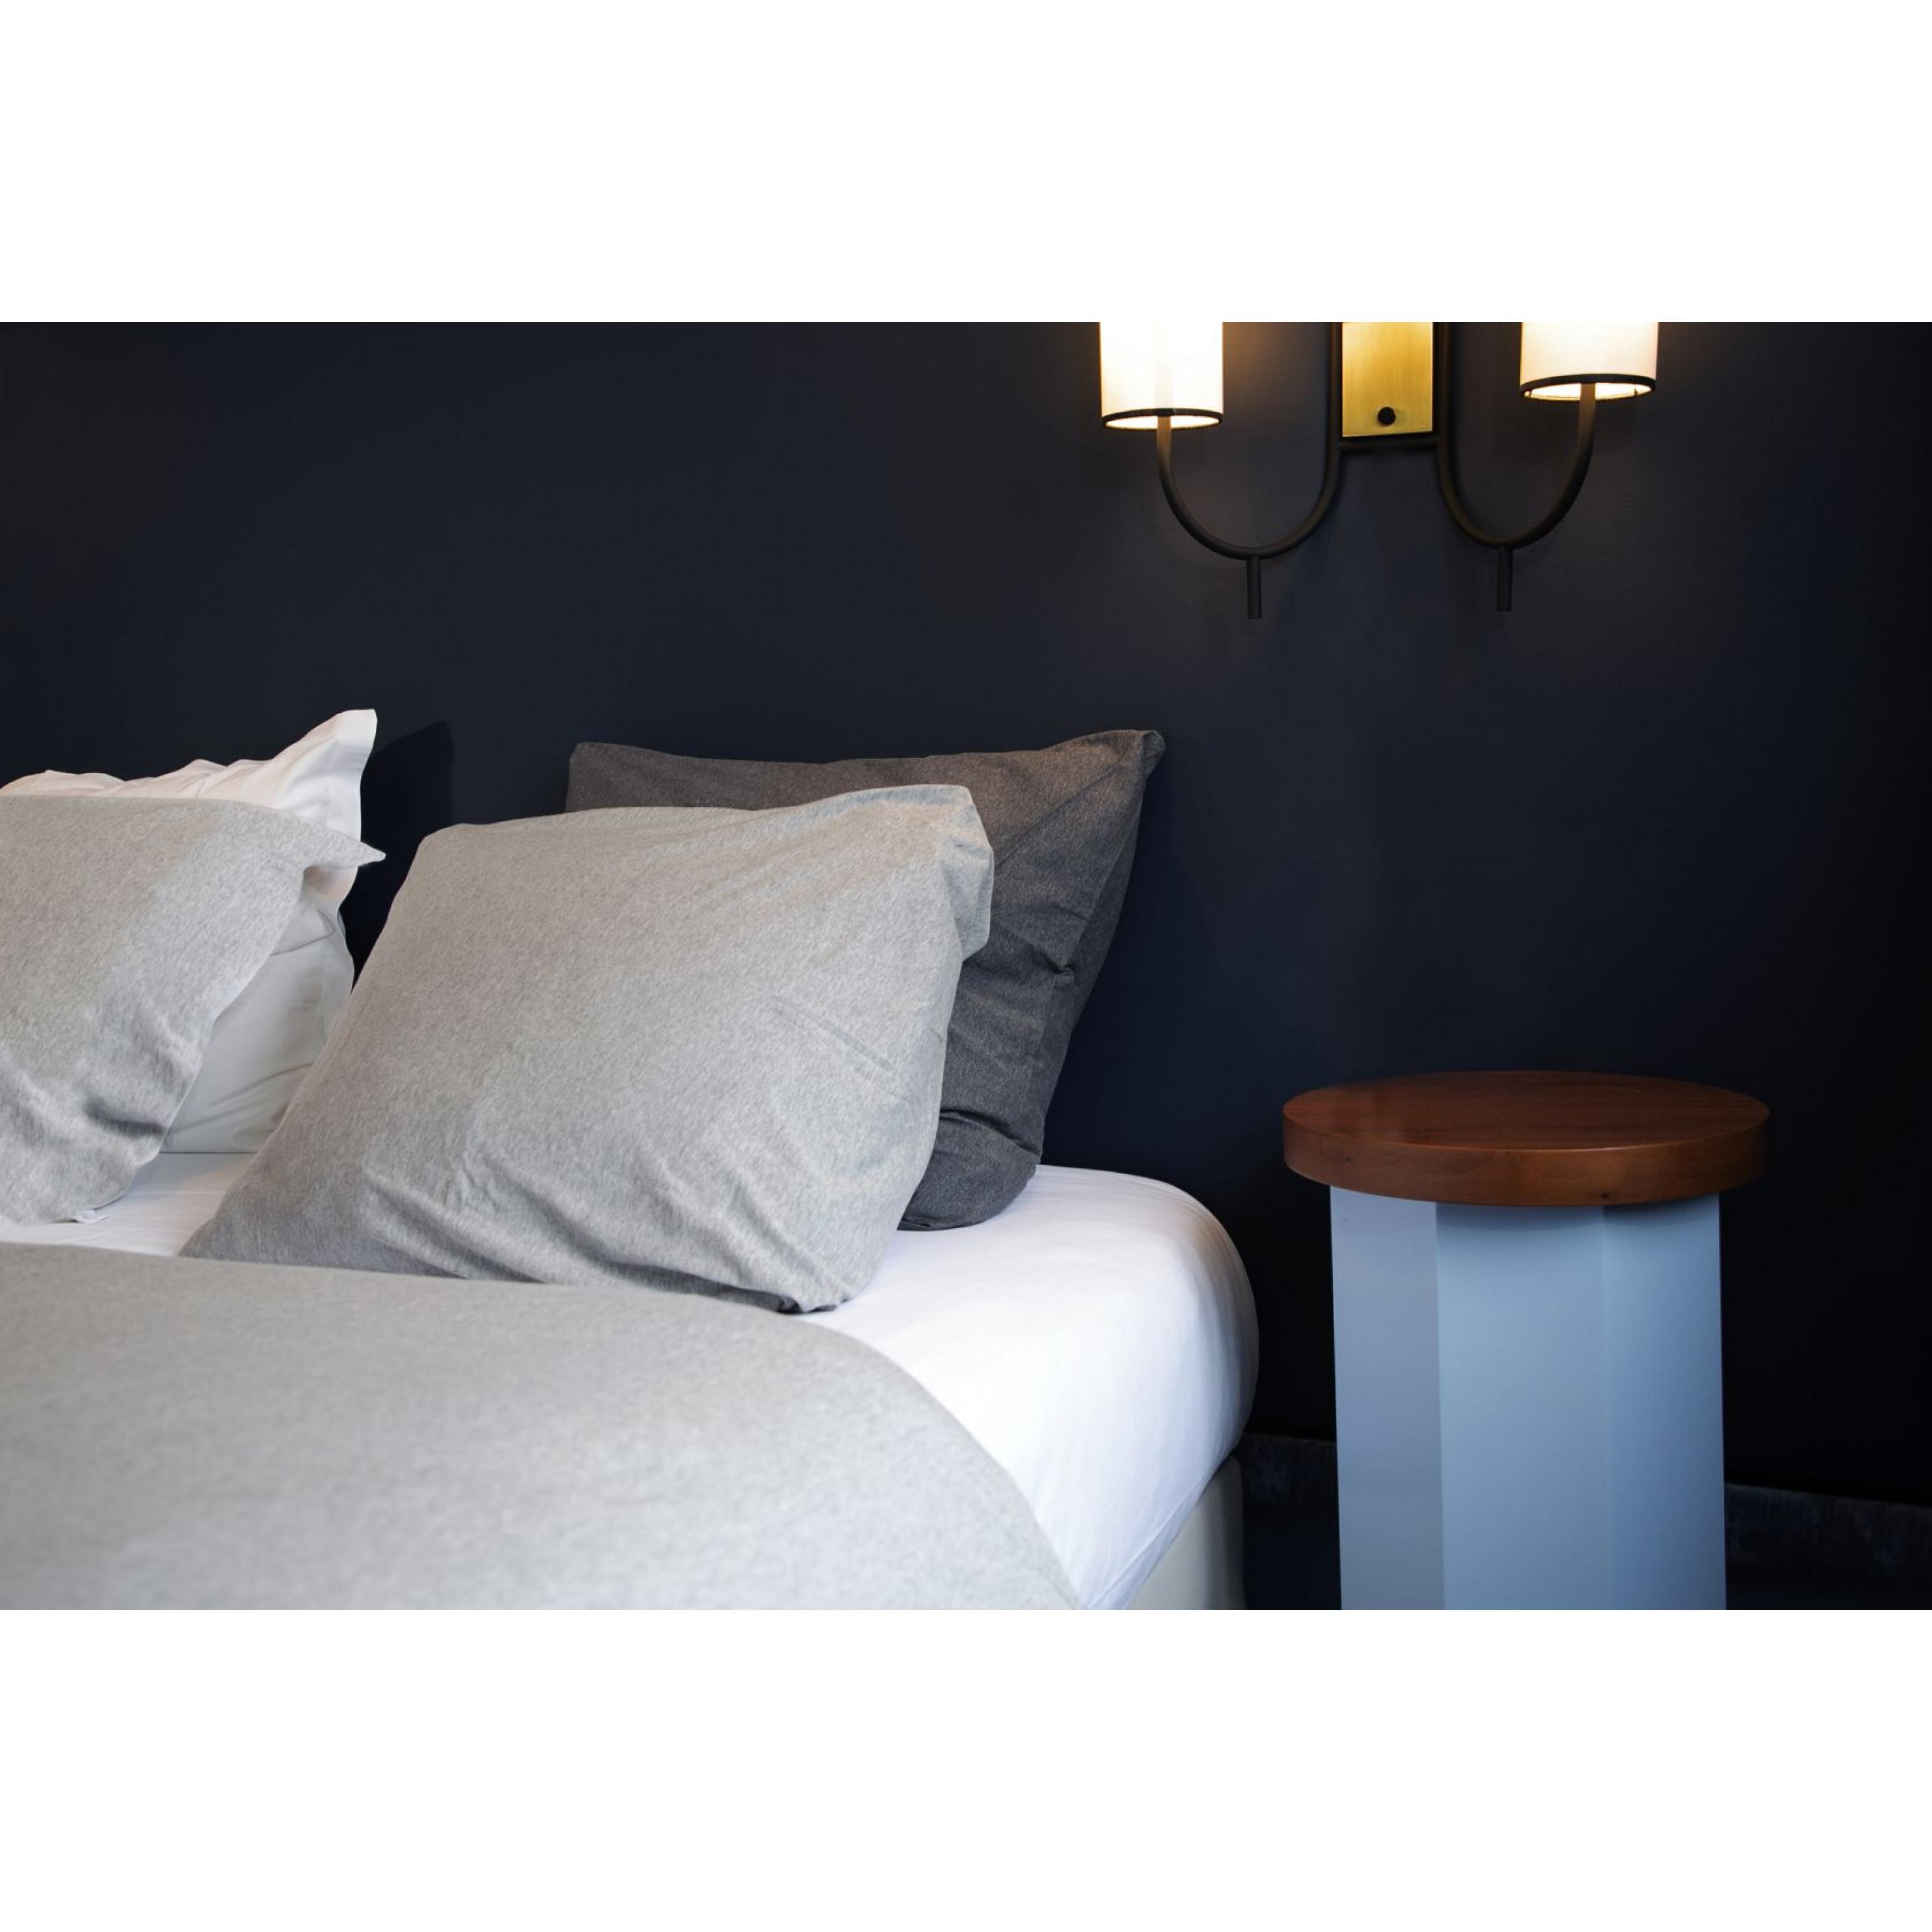 Spannbetttücher Umea | Grau-140x200cm